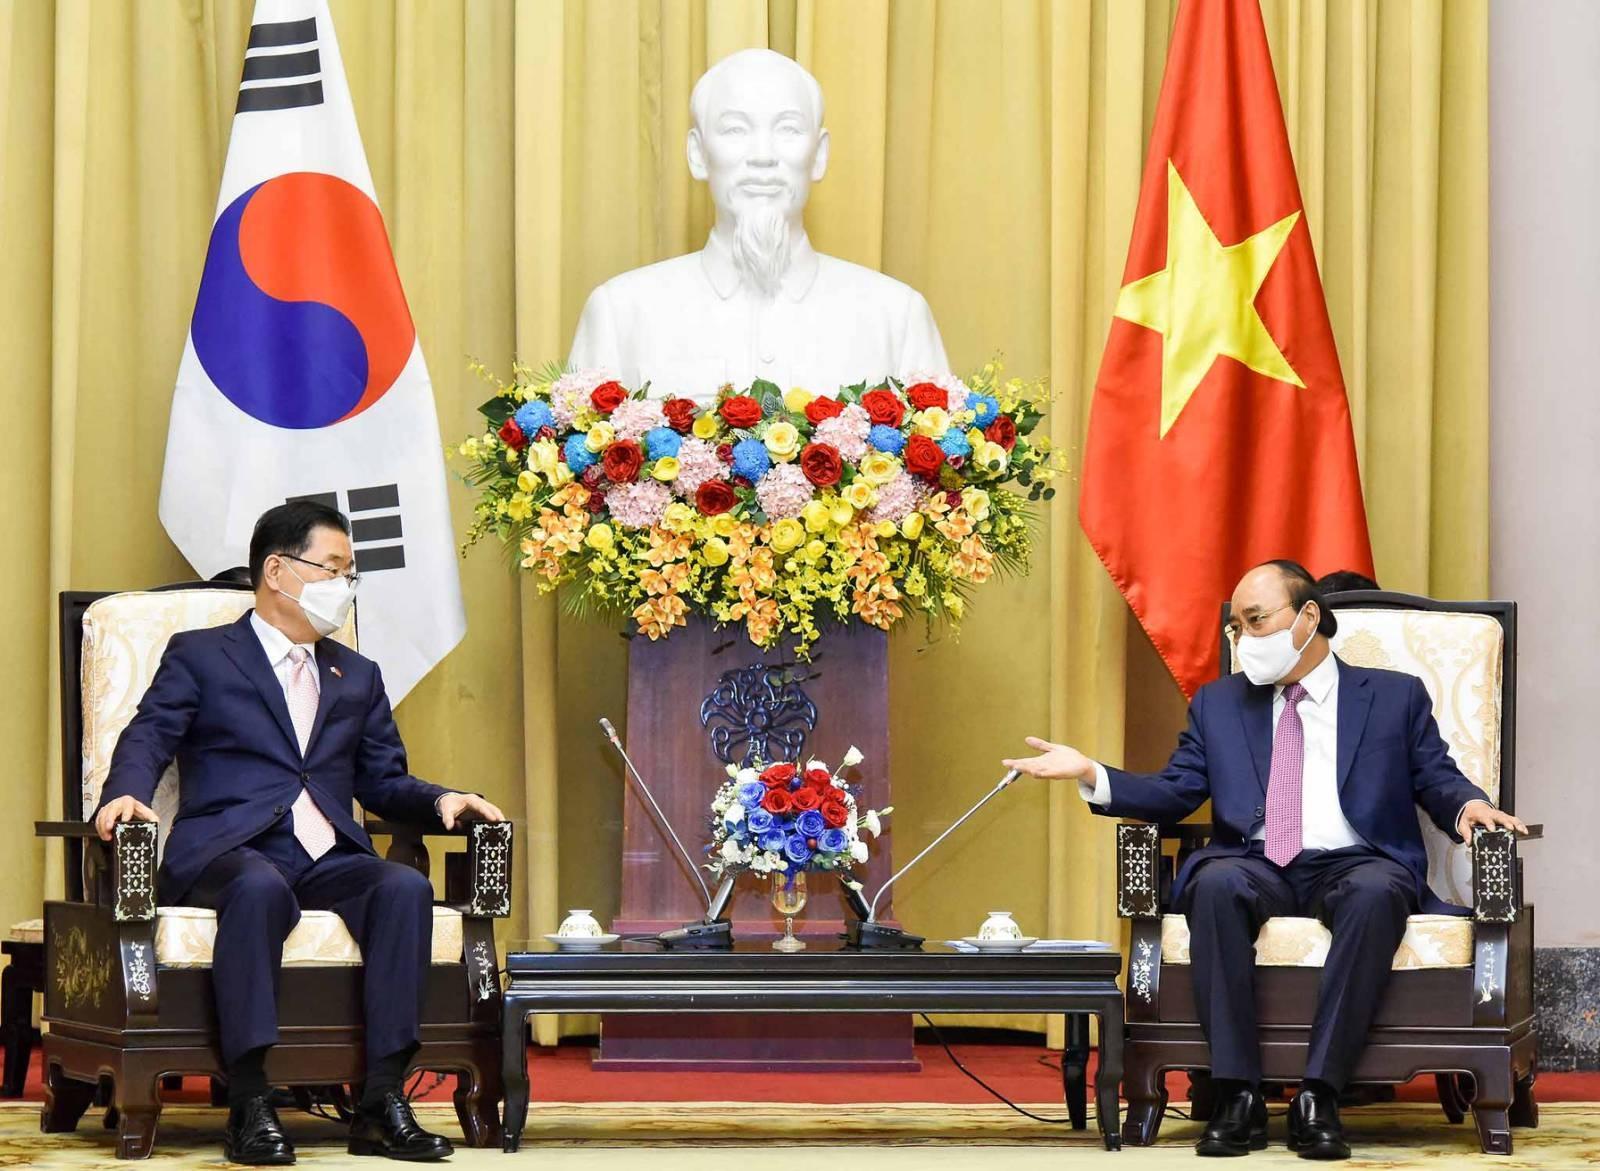 Chủ tịch nước Nguyễn Xuân Phúc tiếp Bộ trưởng Ngoại giao Hàn Quốc Châng Ưi I-ông